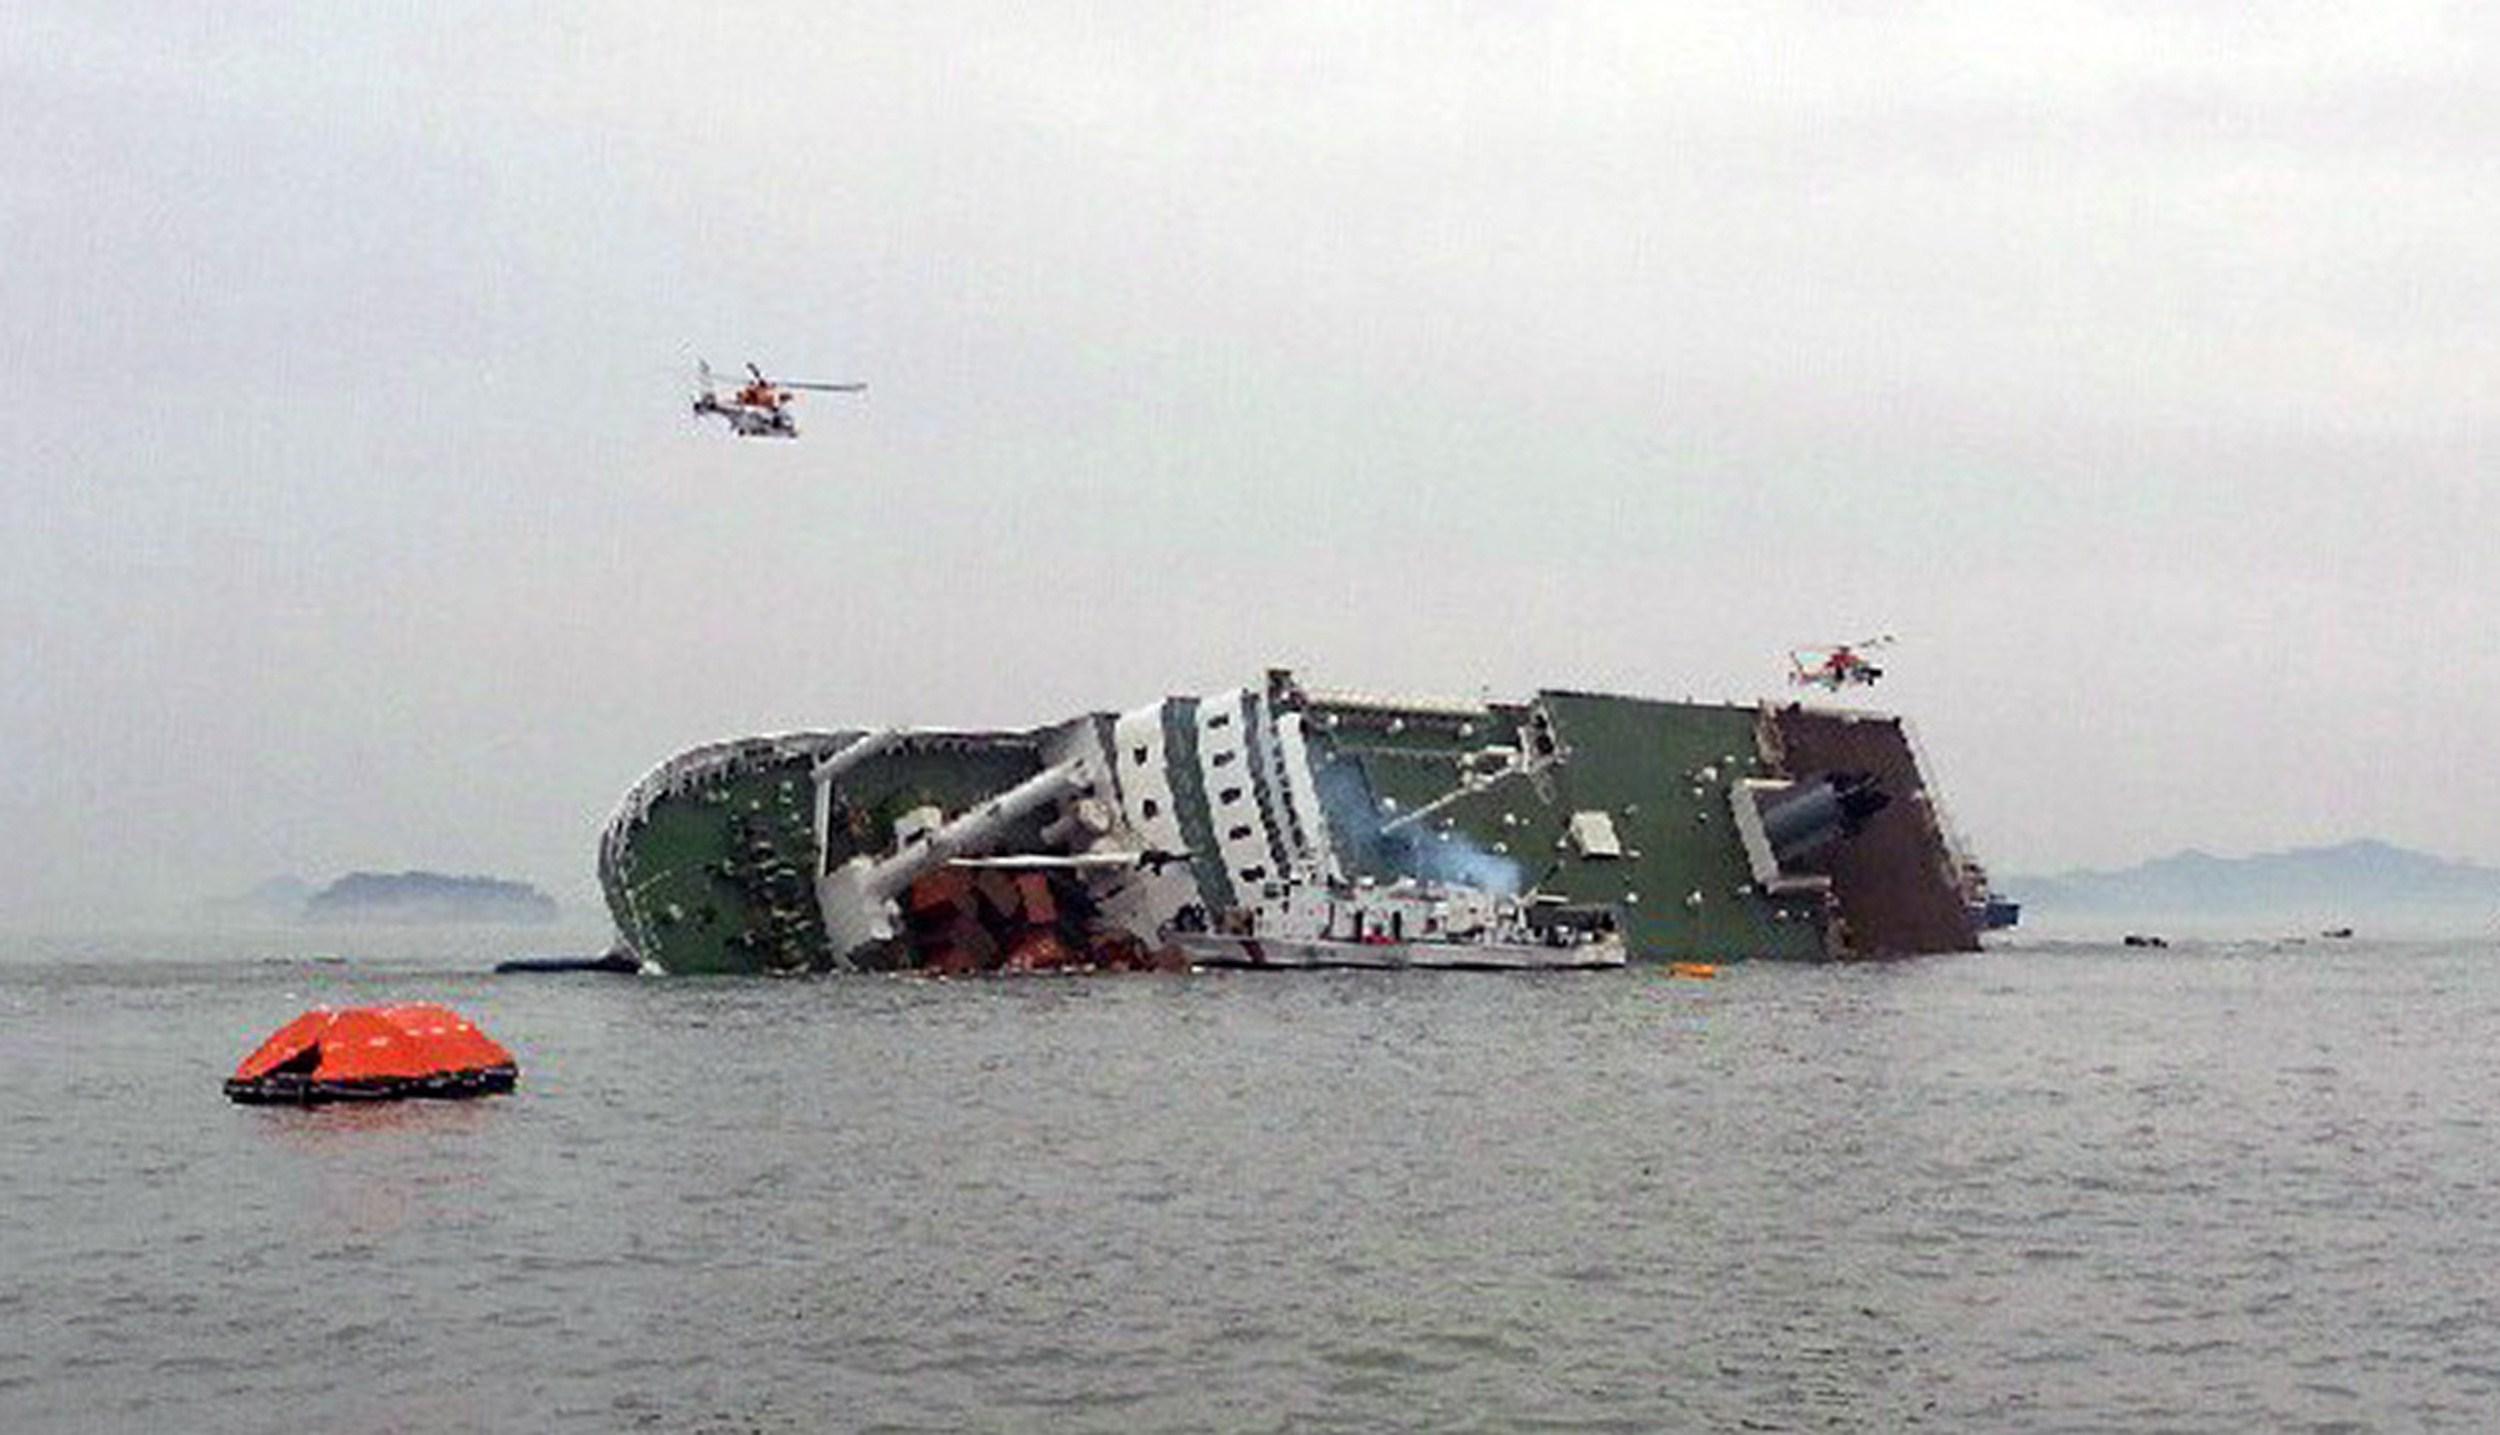 Patru membri ai echipajului feribotului sud-coreean care a naufragiat, acuzati de omor din culpa. Risca pedeapsa cu moartea